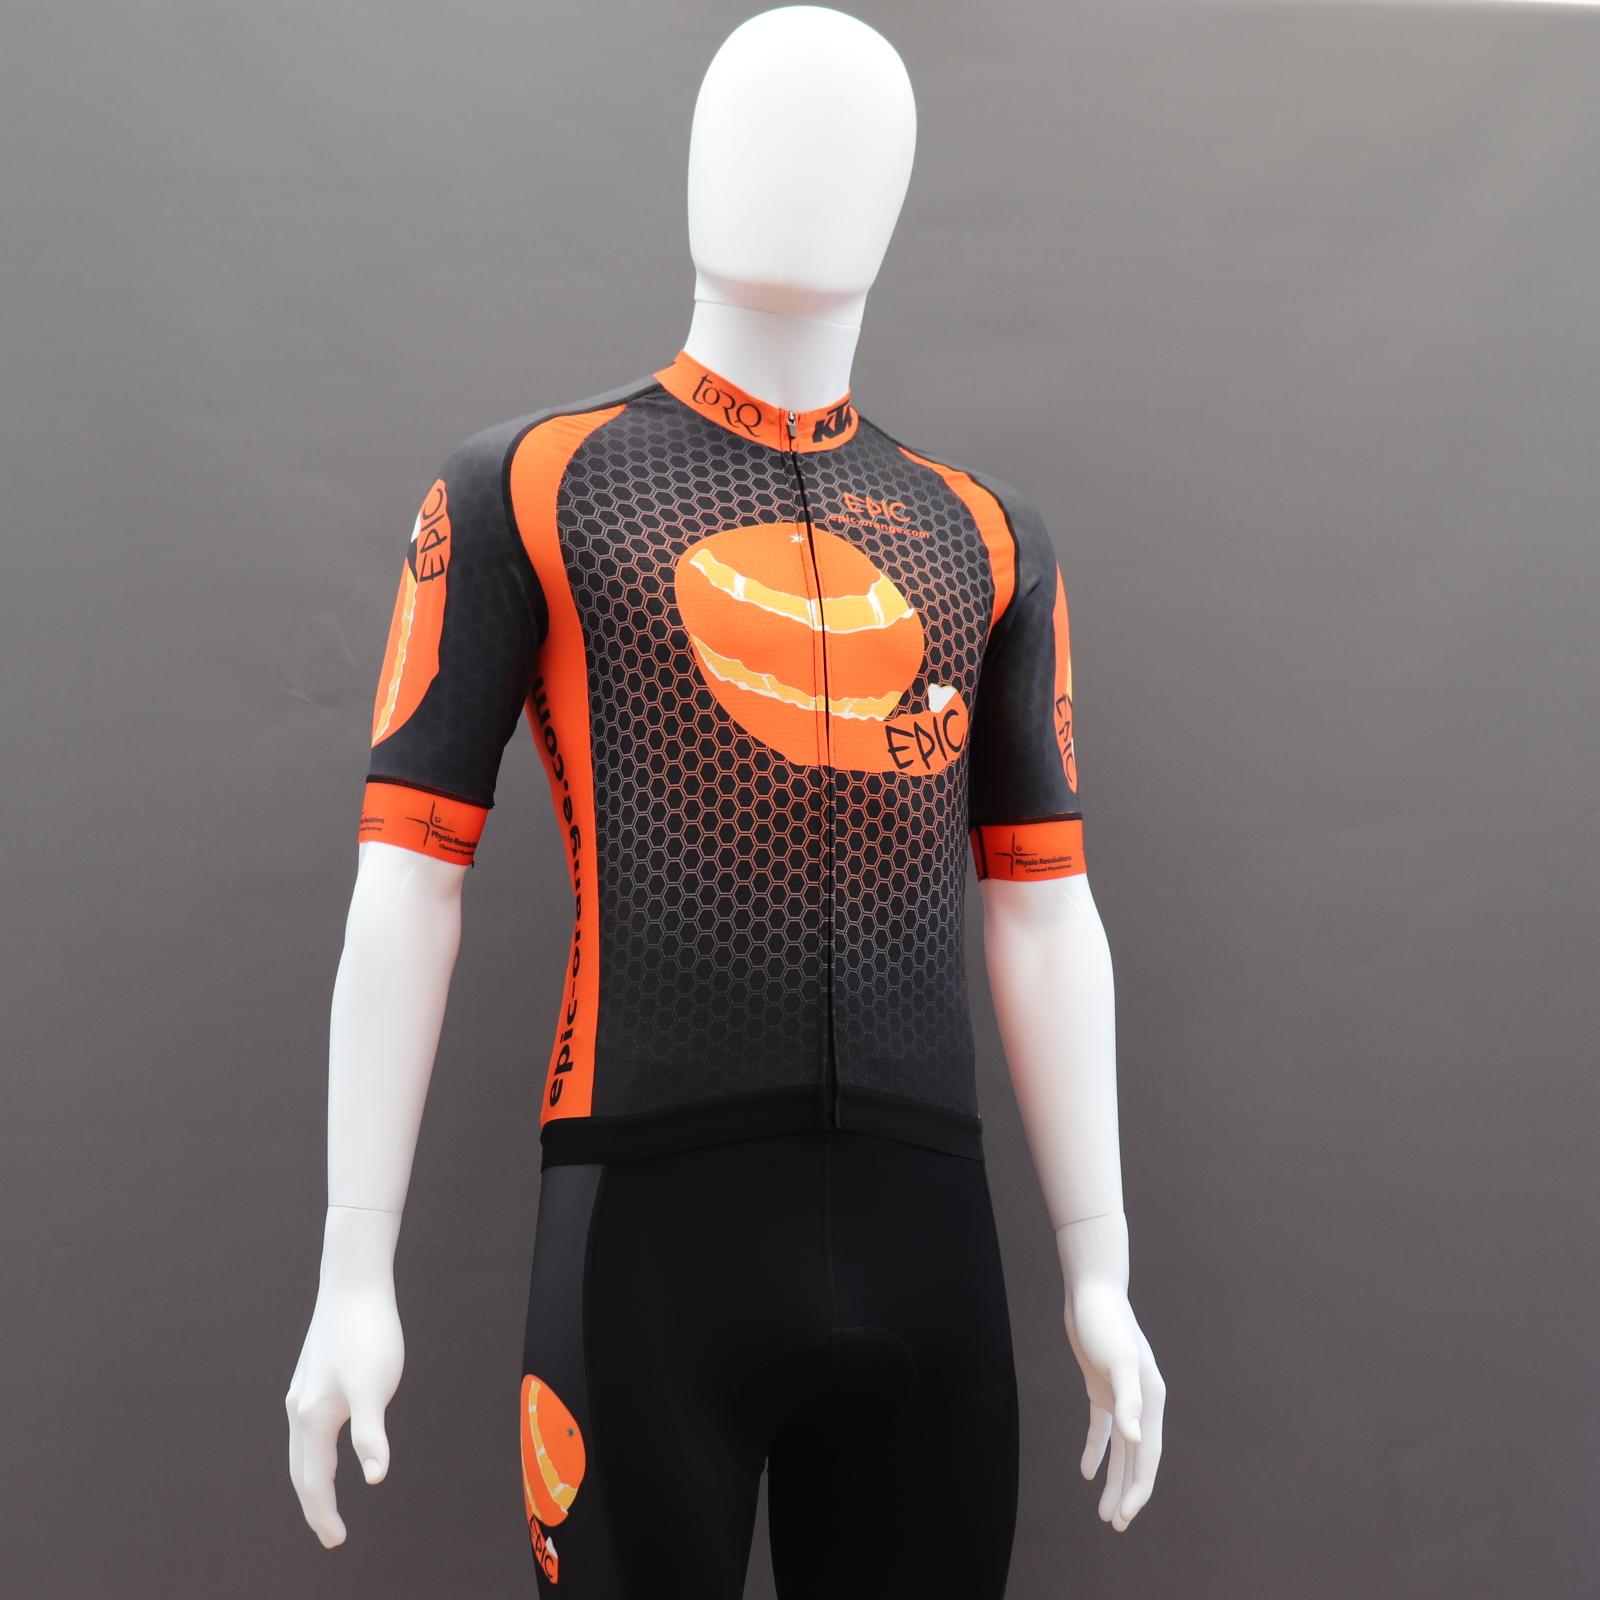 Custom Pro Cycle Jerseys